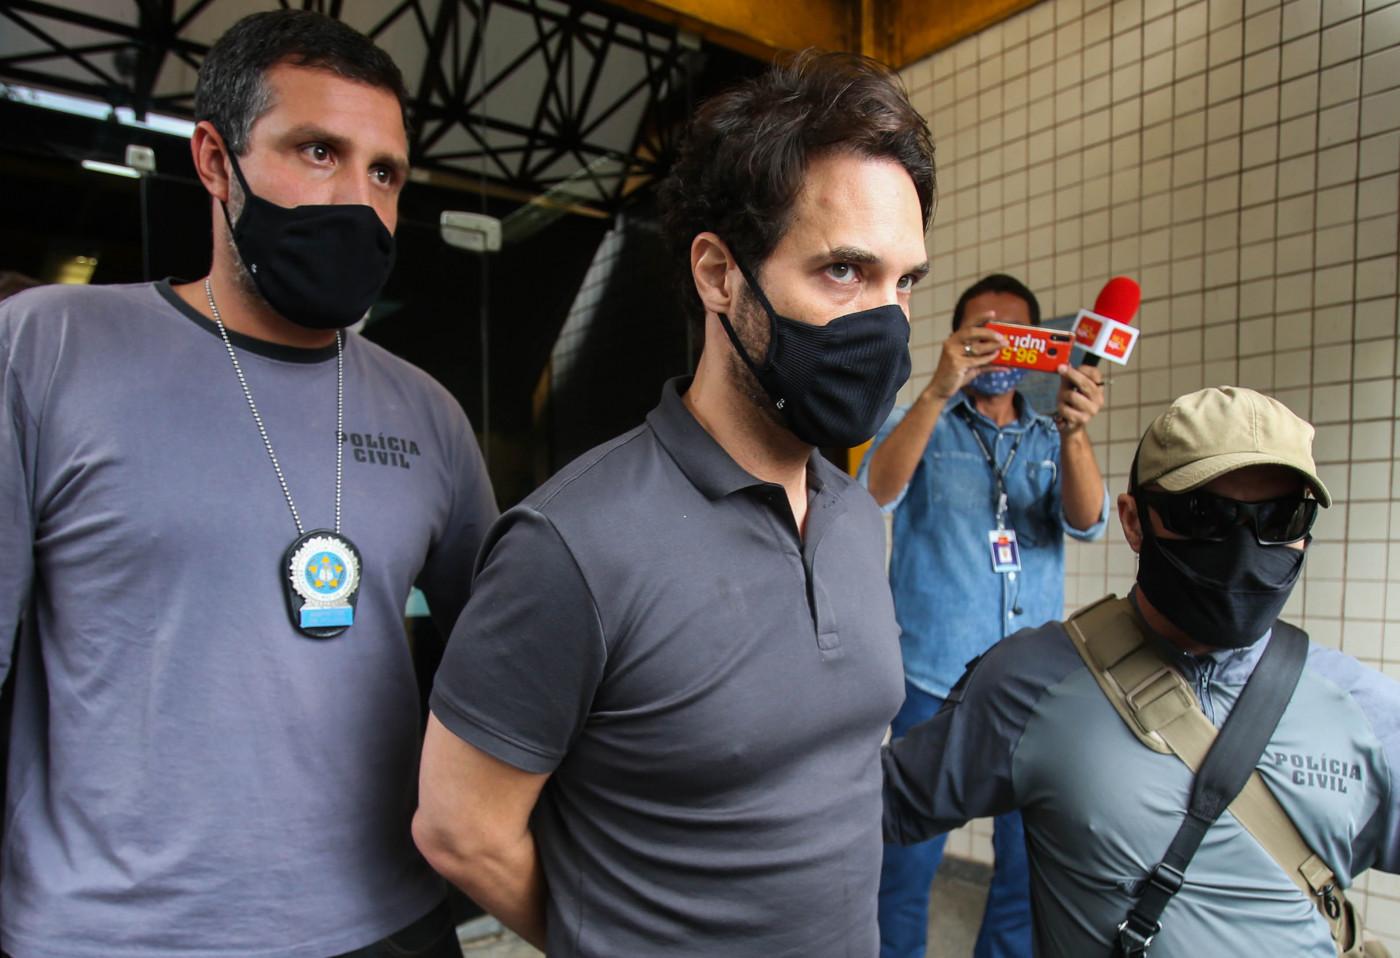 Dr. Jairinho levado pela polícia